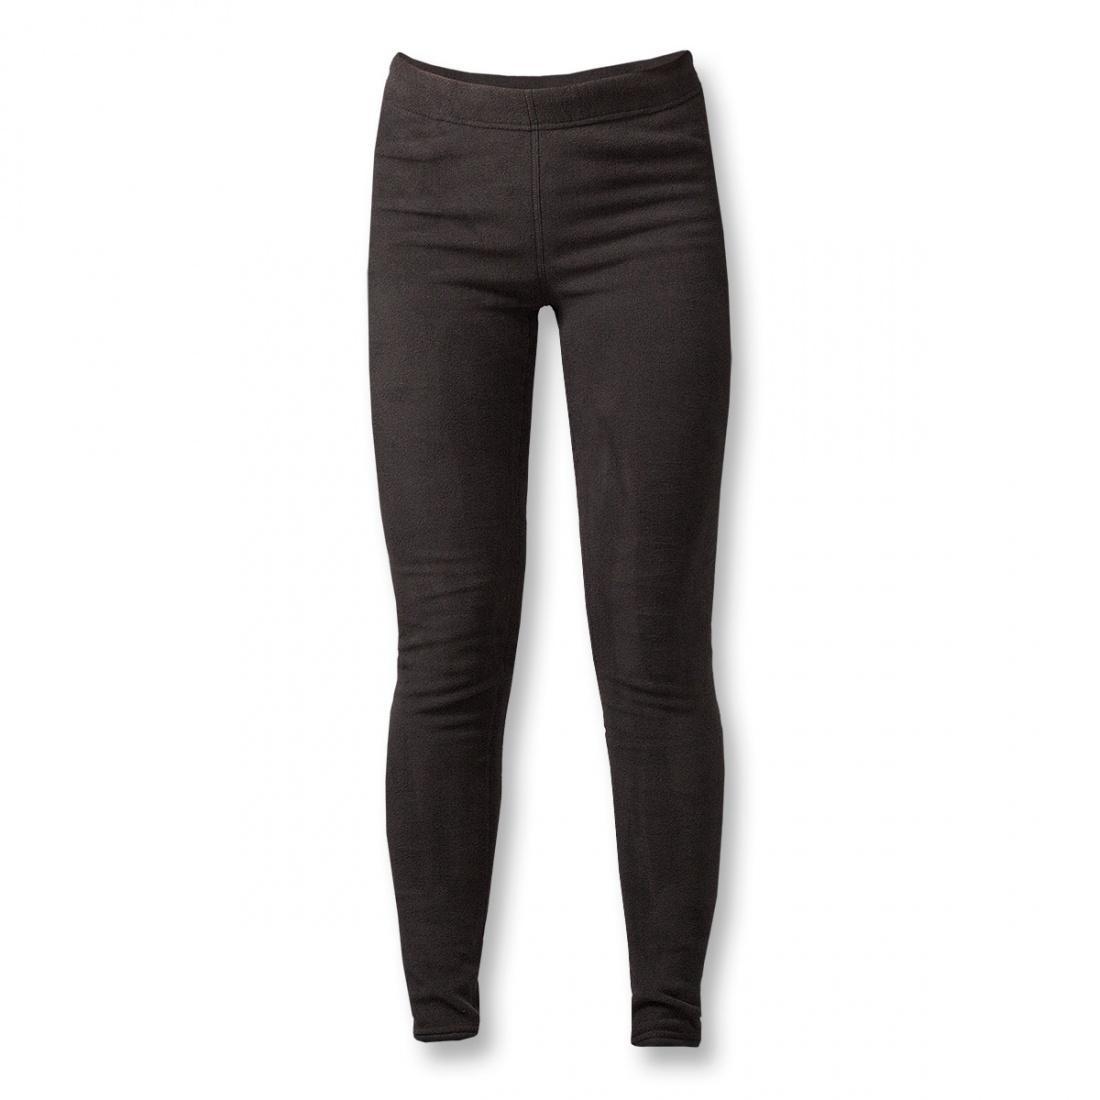 Термобелье брюки Penguin 100 Micro ЖенскиеБрюки<br><br> Комфортные брюки свободного кроя из материалаPolartec®Micro. благодаря особой конструкции микроволокон, обладают высокими теплоизолирующимисвойствами и создают благоприятный микроклимат длятела. Могут использоваться в качестве базового слоя<br>...<br><br>Цвет: Черный<br>Размер: 46